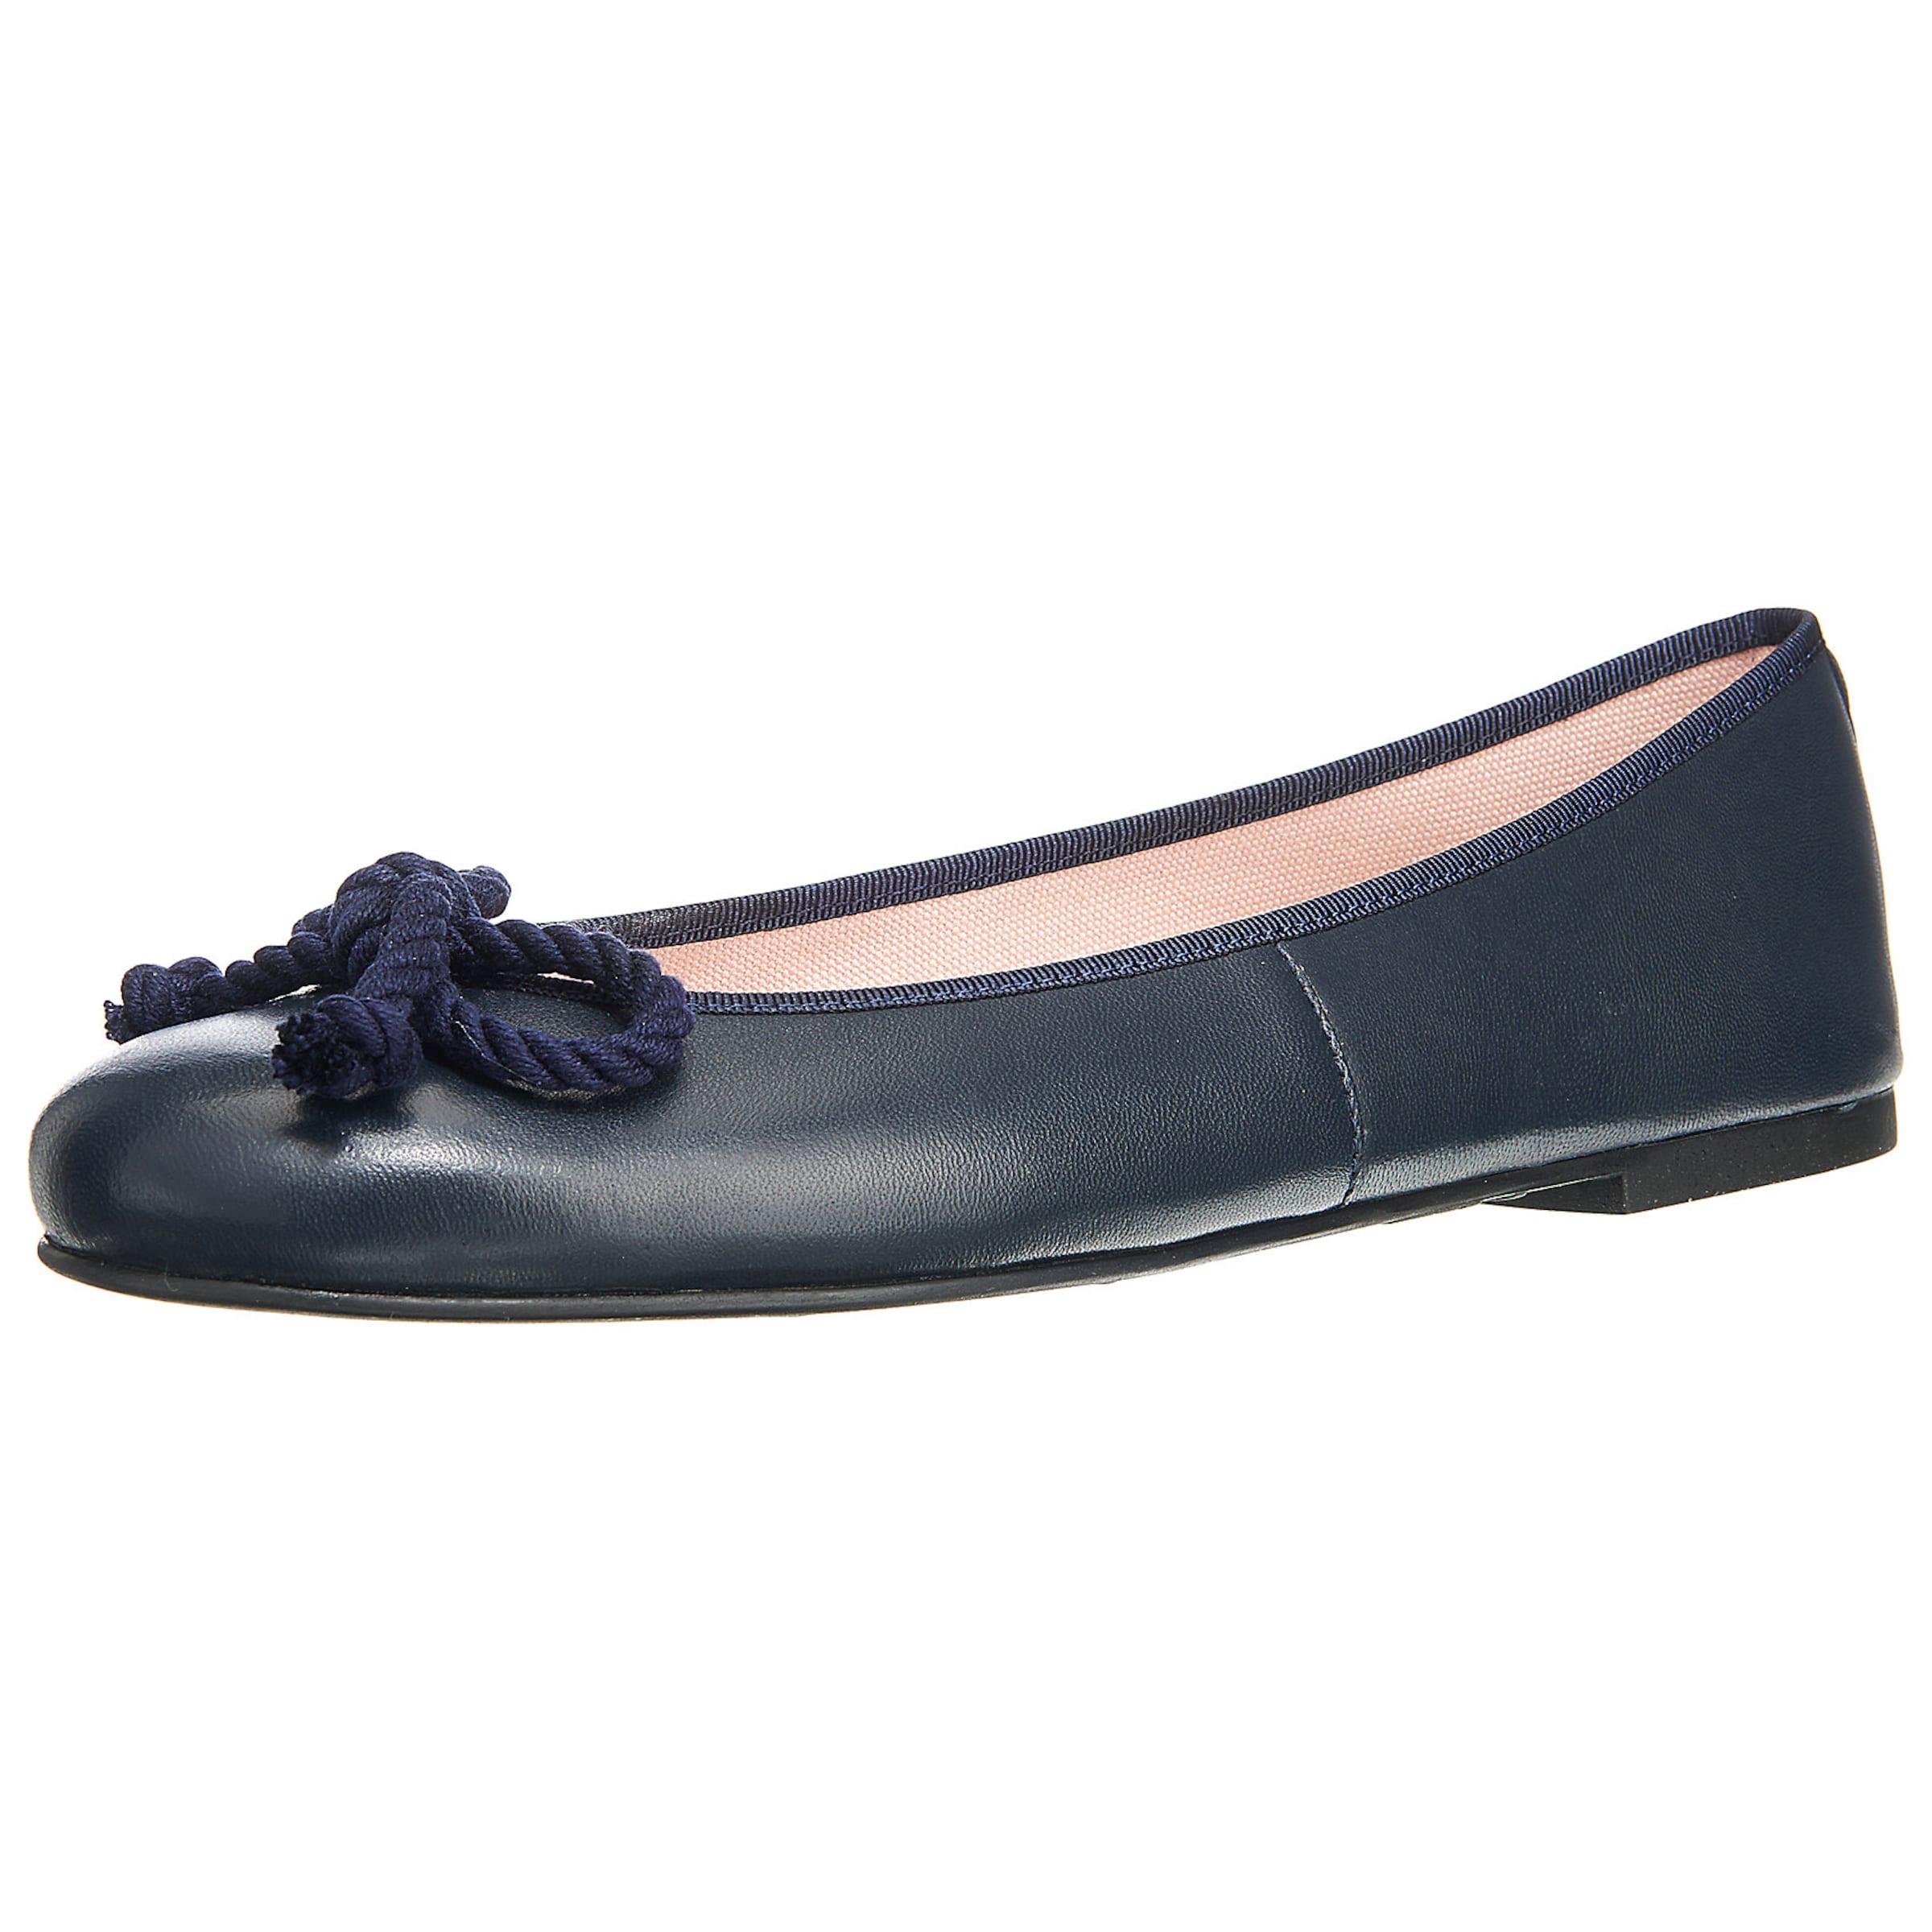 Haltbare Mode billige Schuhe PRETTY BALLERINAS | Coton Ballerinas Ballerinas Ballerinas Schuhe Gut getragene Schuhe c104b3